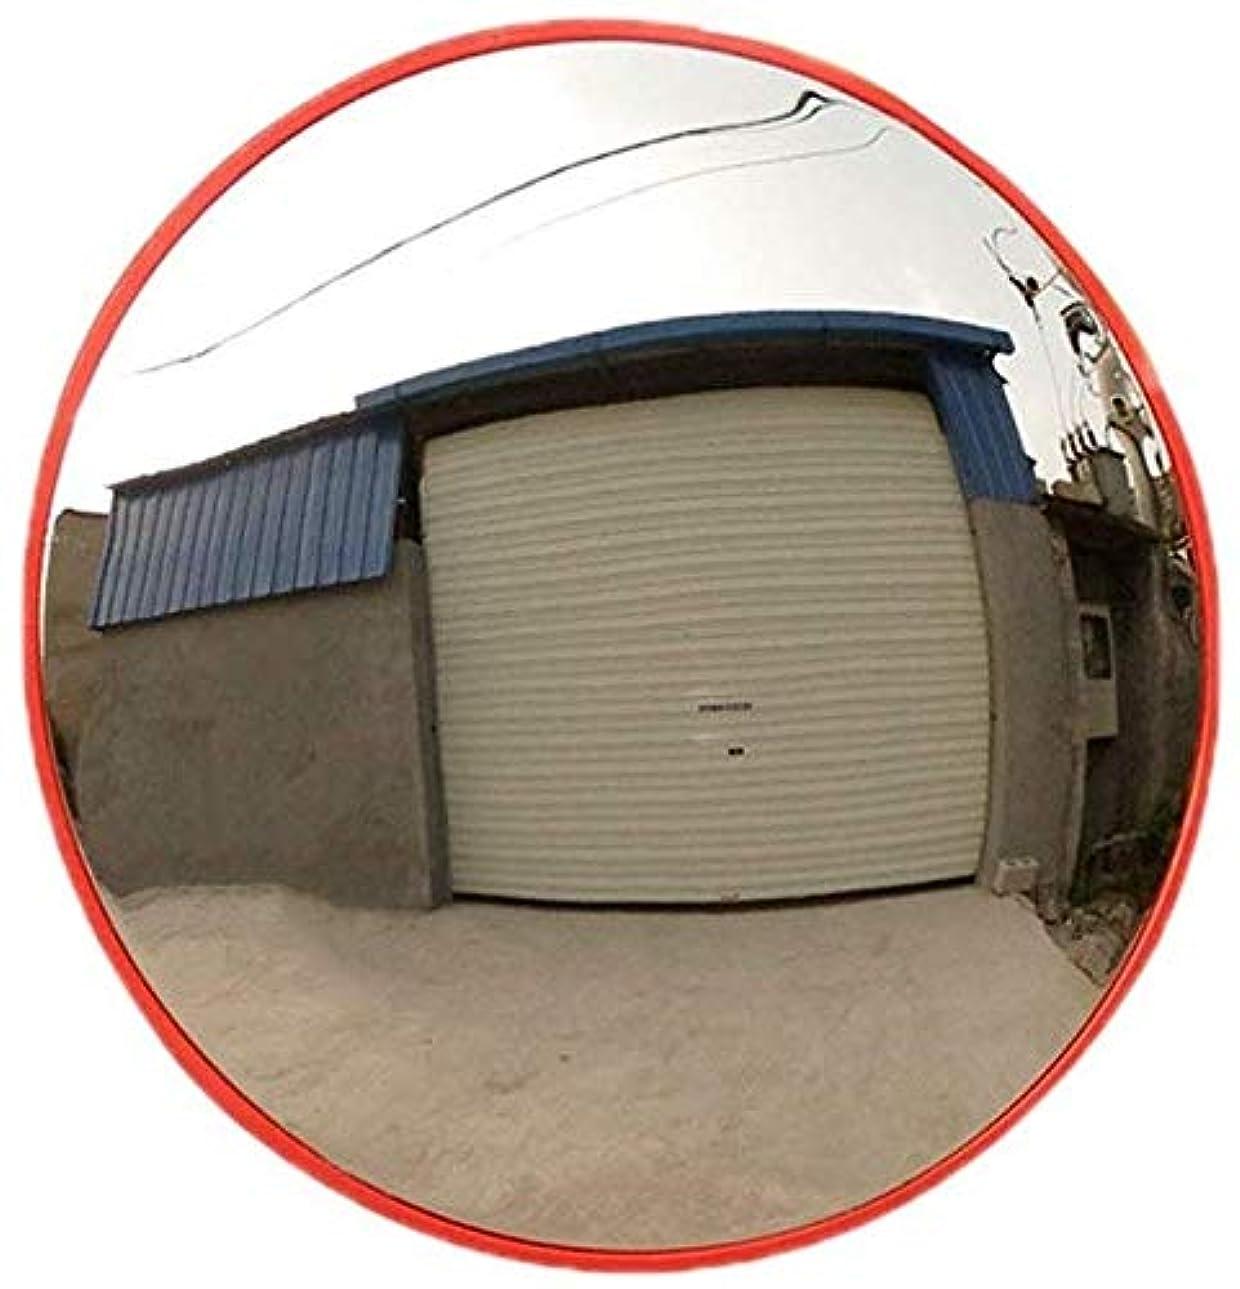 ギャラリーセメント受動的倉庫の出入り口の安全ミラー、プラスチック製のポータブル凸面鏡バー書店盗難防止ミラー直径:30-80CM(サイズ:45CM)